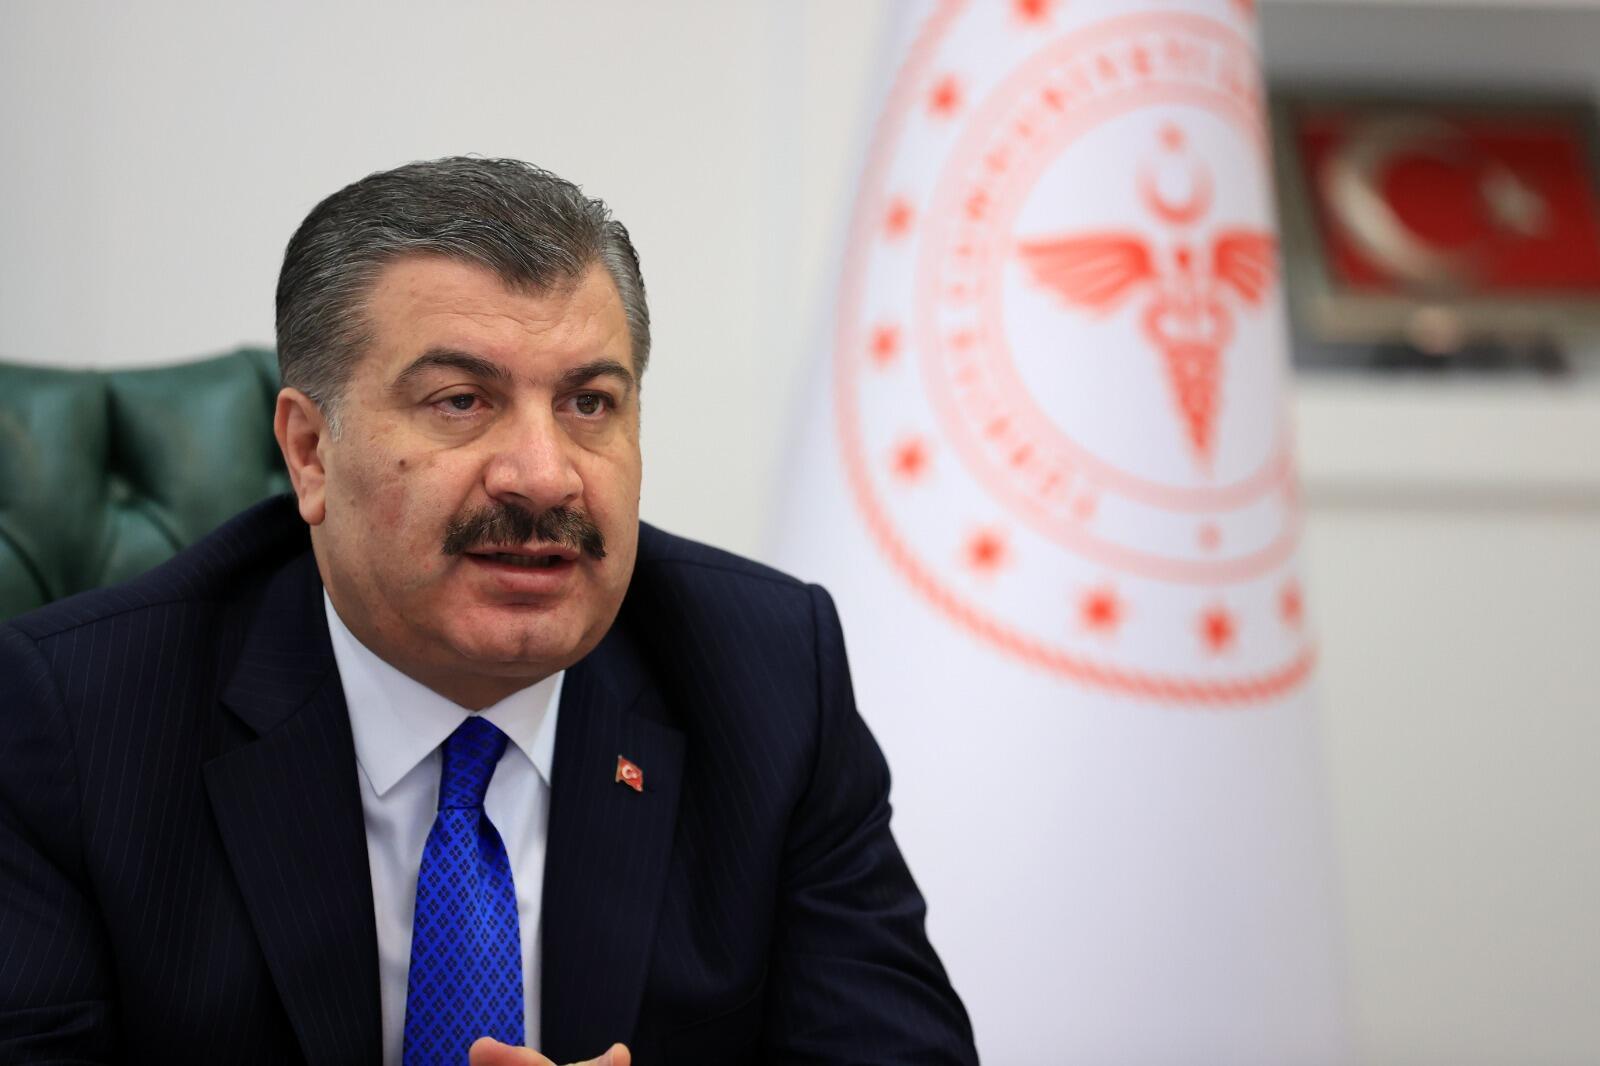 Son dakika haberi: 19 Temmuz korona tablosu ve vaka sayısı Sağlık Bakanı Fahrettin Koca tarafından açıklandı!